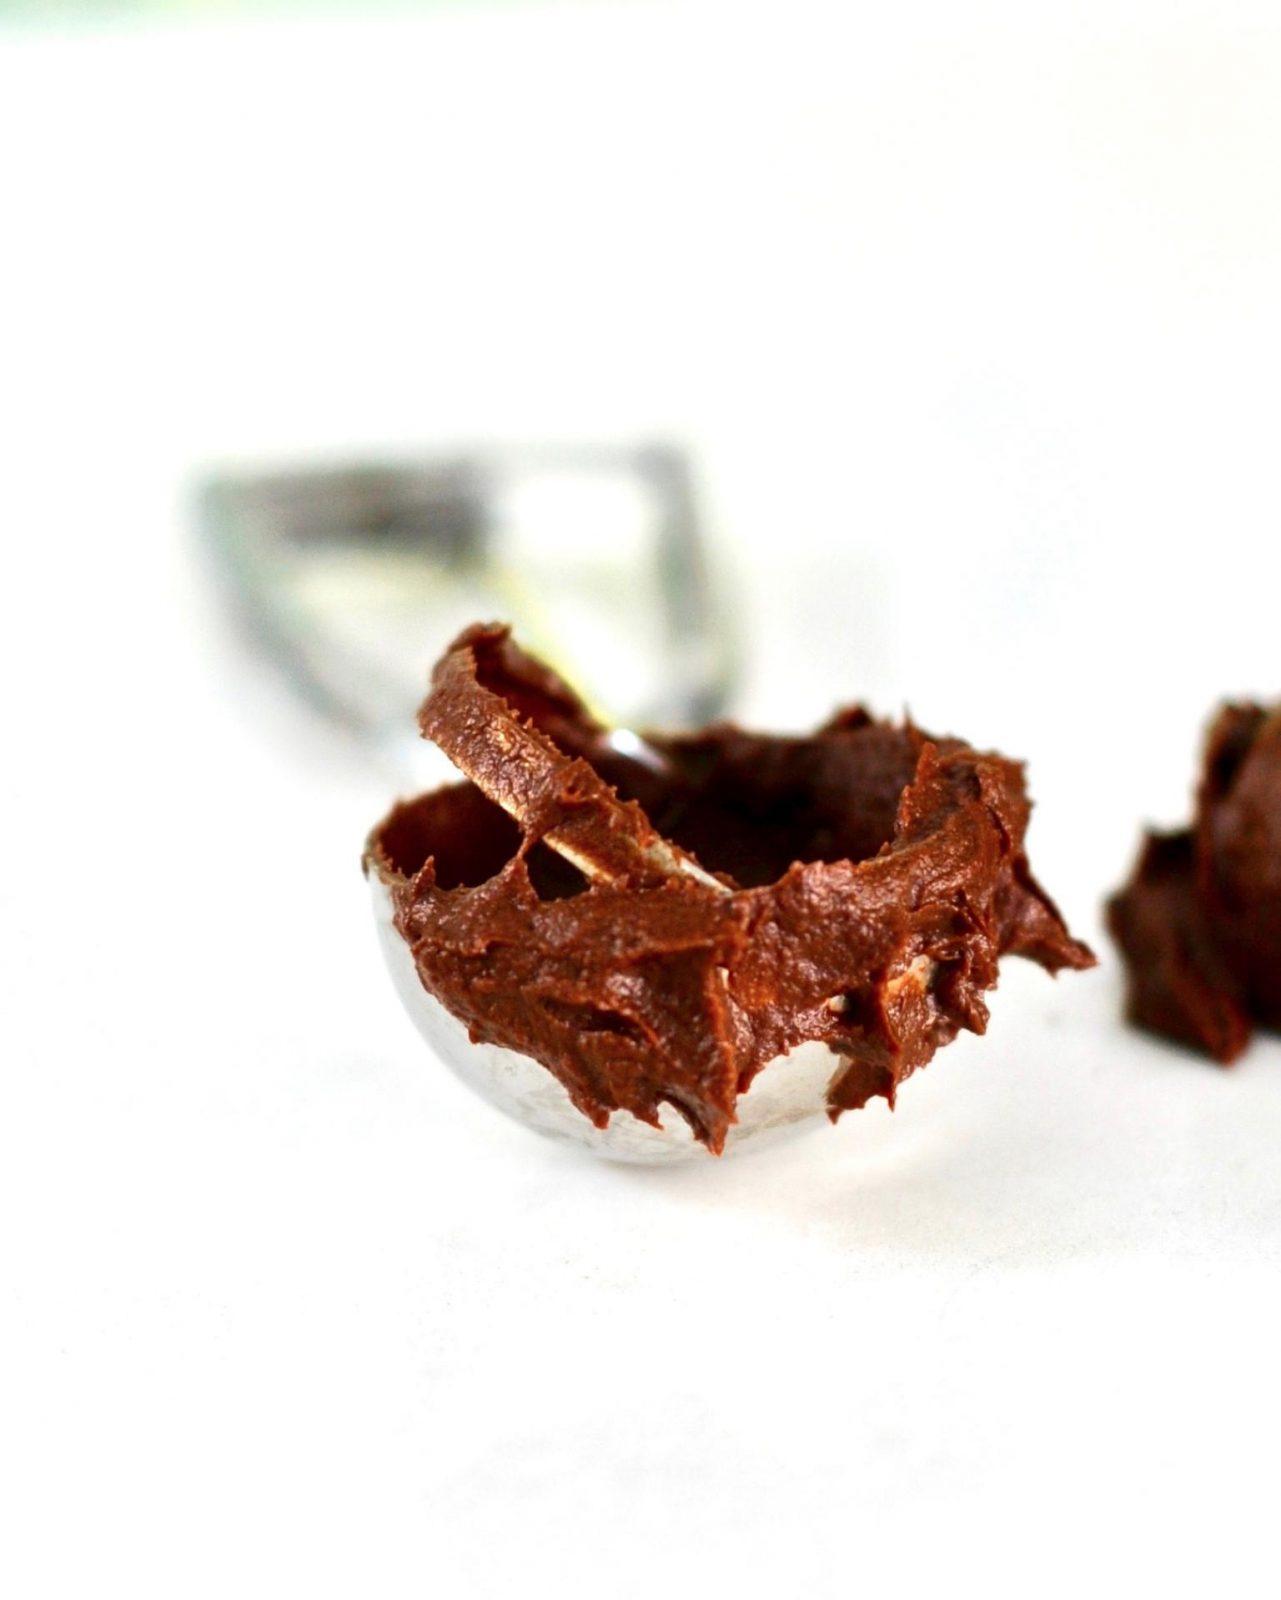 Vegan Dark Chocolate Ice Cream, Gluten Free with Aquafaba